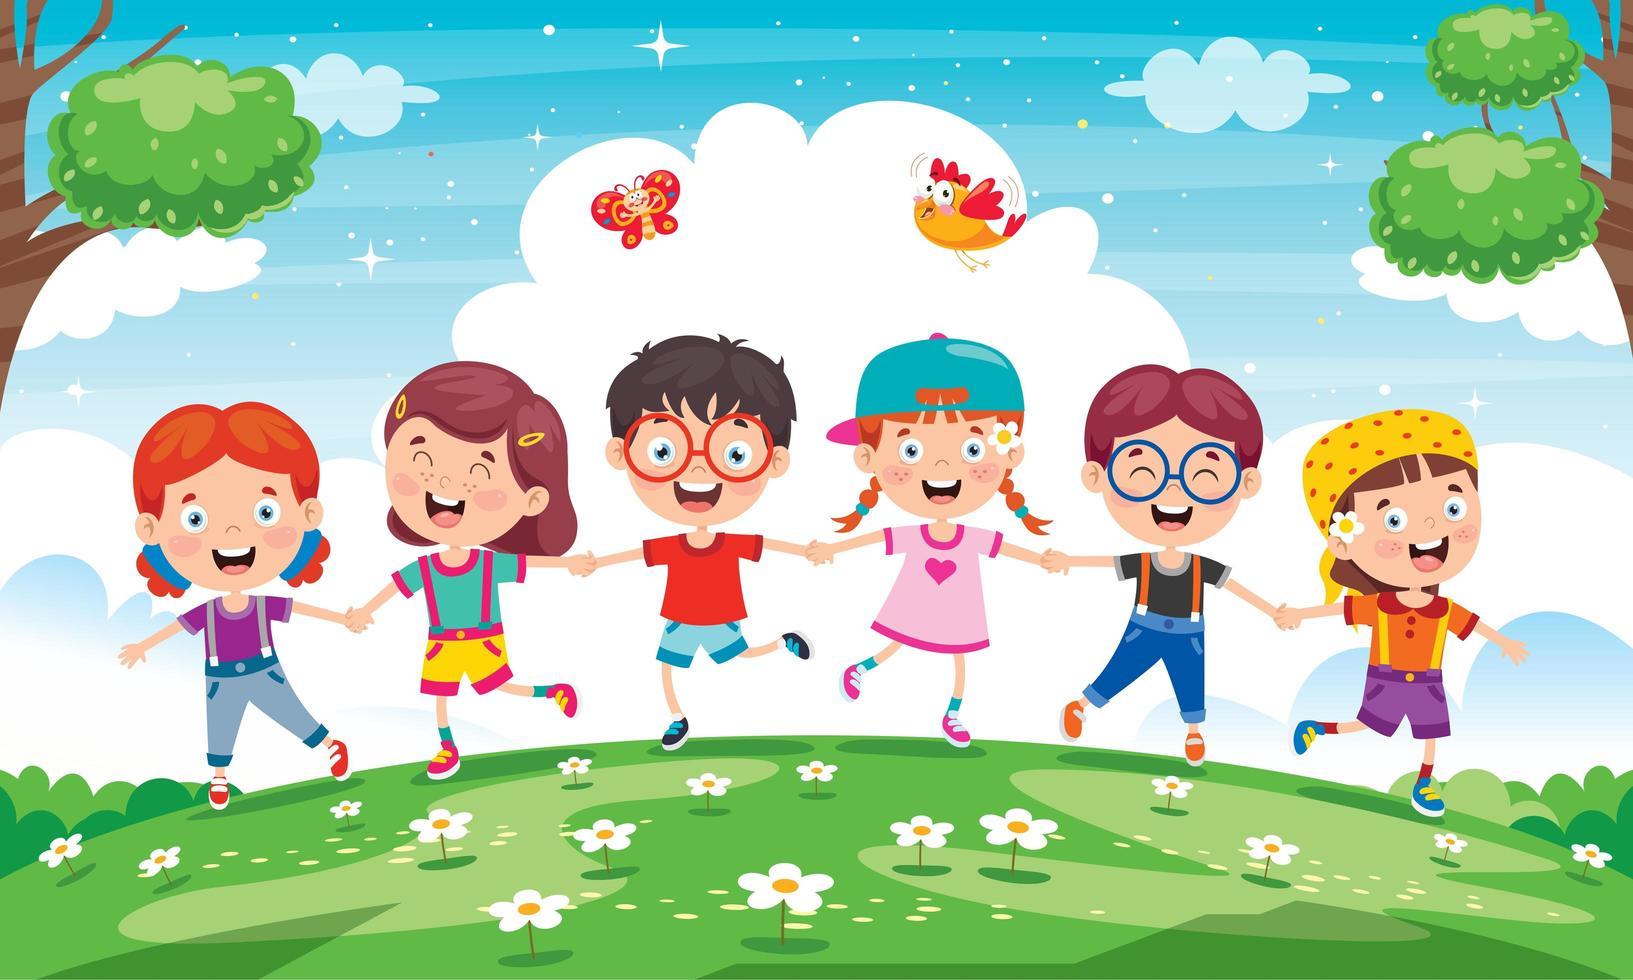 kleine Kinder spielen draußen auf der Wiese vektor